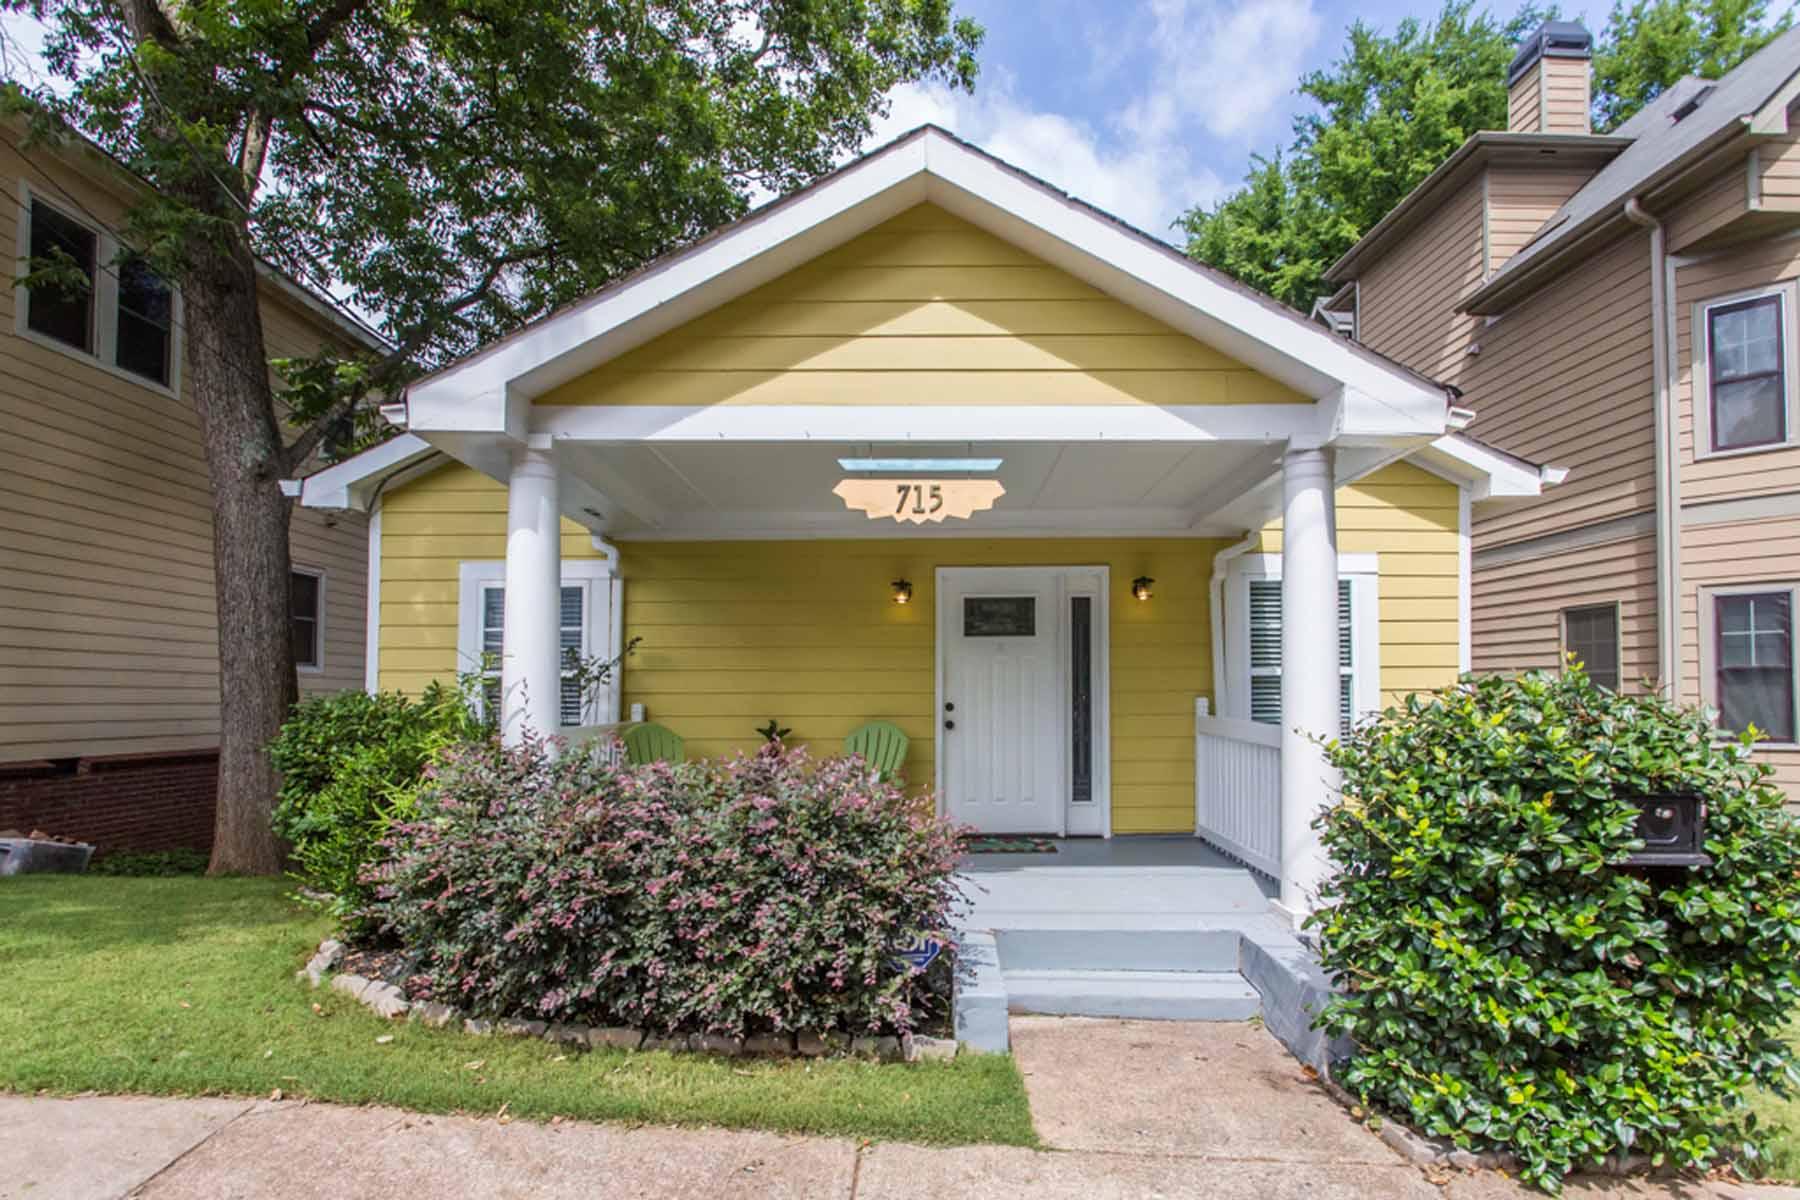 一戸建て のために 売買 アット Sweet Grant Park Craftsman 715 Woodson Street SE Grant Park, Atlanta, ジョージア, 30315 アメリカ合衆国